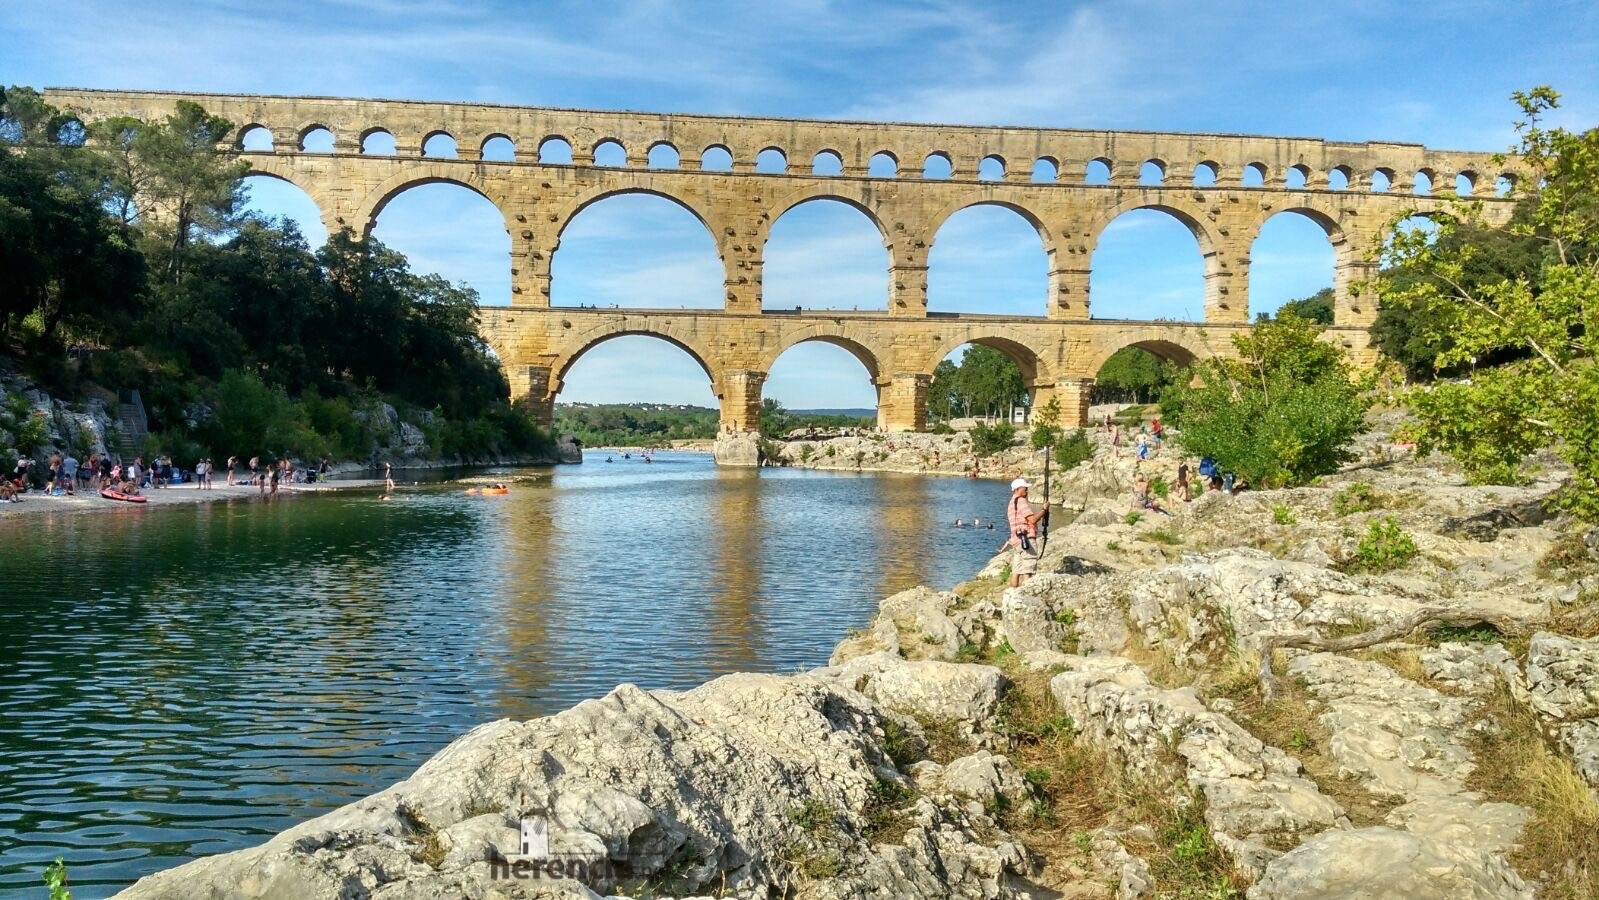 elias escribano - perle en pont du gard - Francia 4